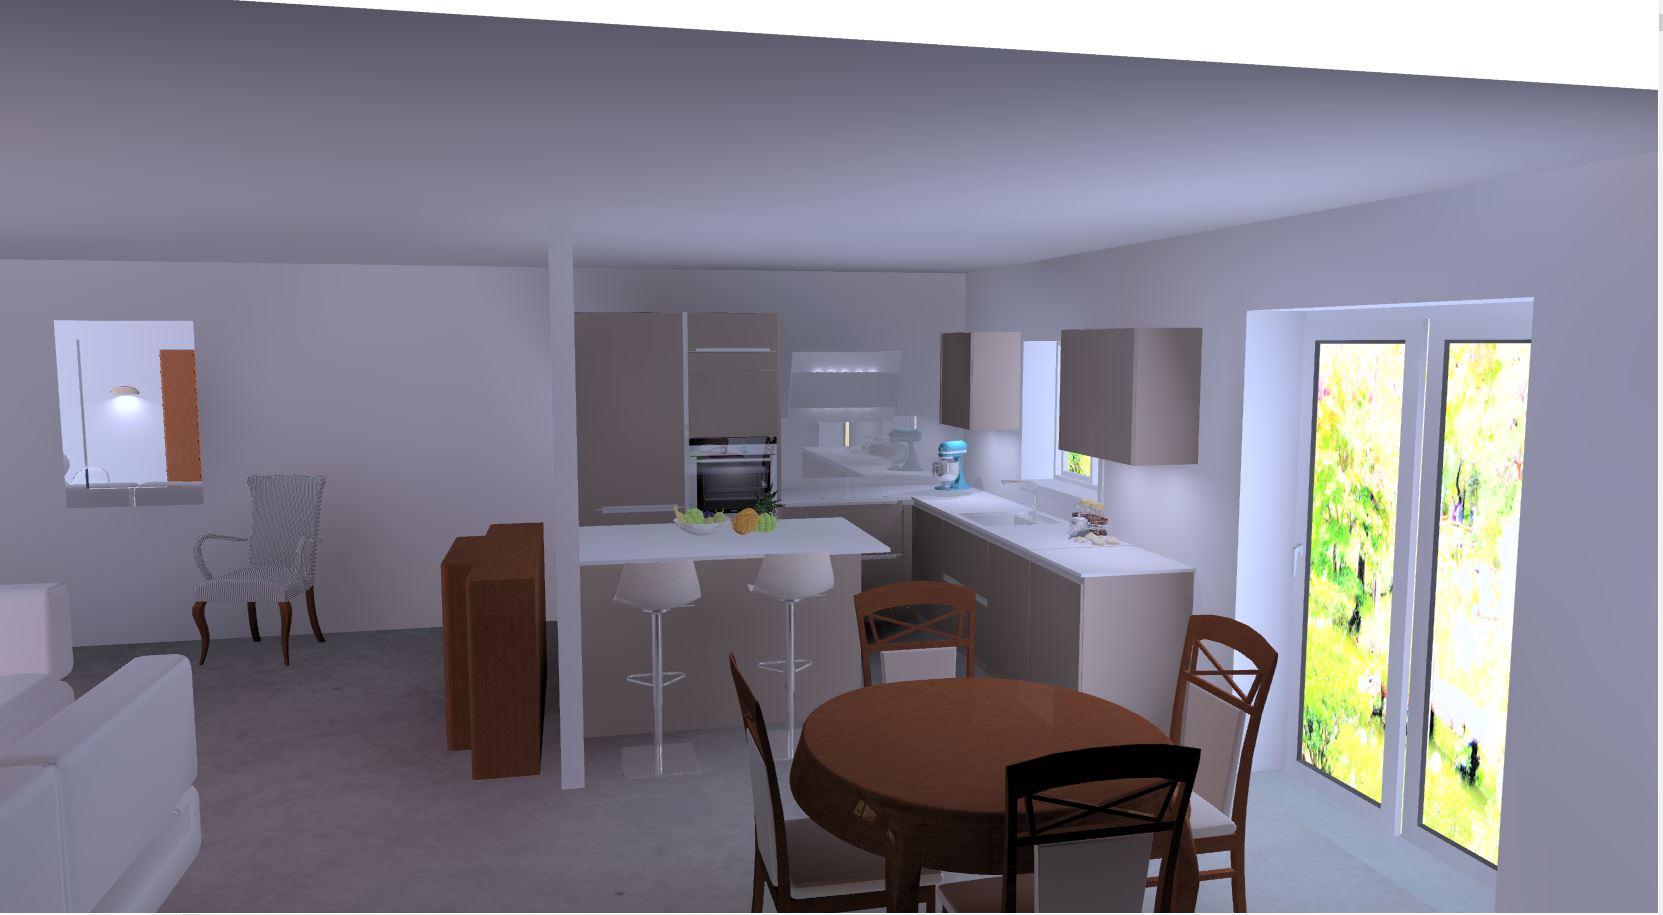 projet en photo réalisme par cuisine design Toulouse intégrant toute la pièce